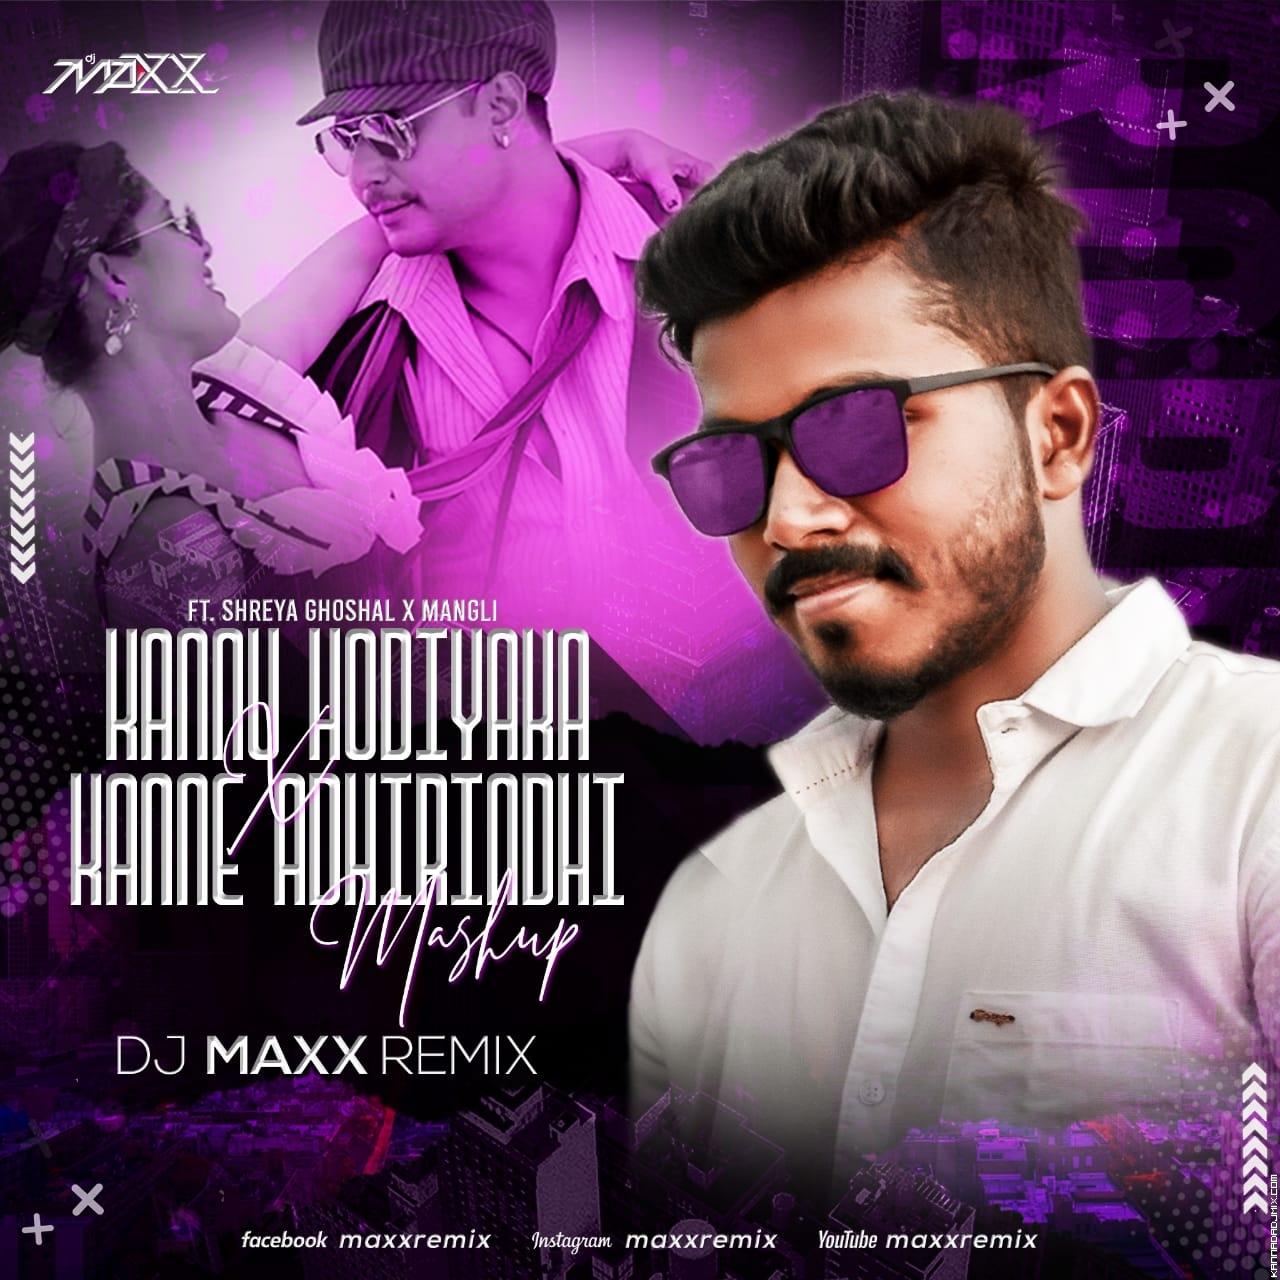 KANNU HODIYAKA X KANNE ADHIRINDHI [Mashup] DJ Maxx.mp3